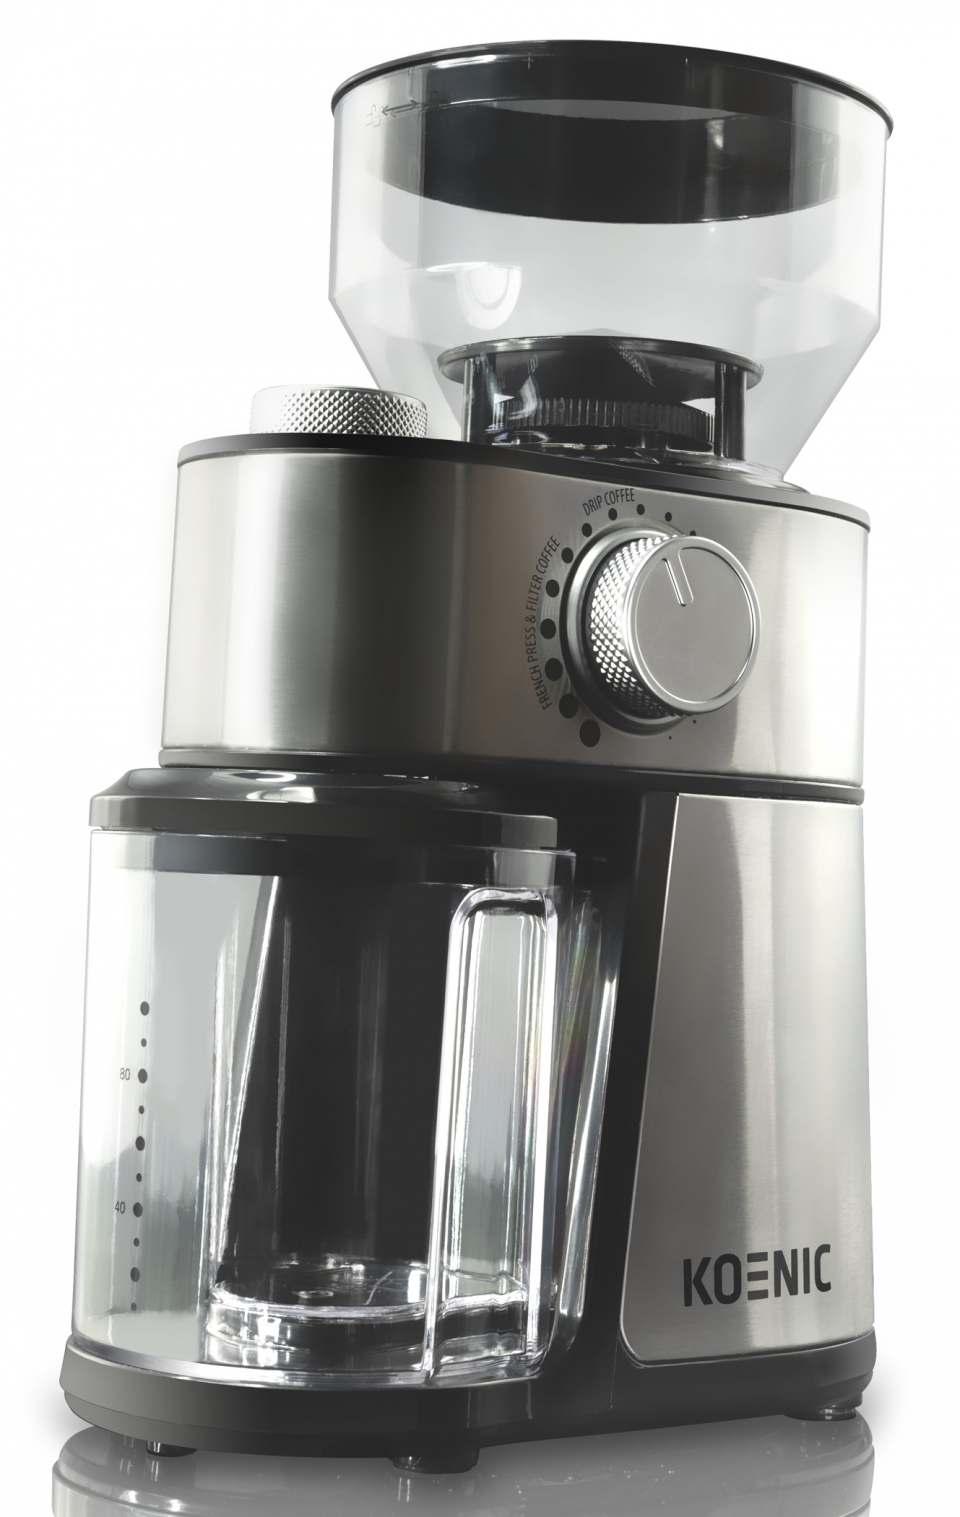 Koenic Kaffeemühle KGC 2221 M für bis zu 14 Tassen Kaffee.